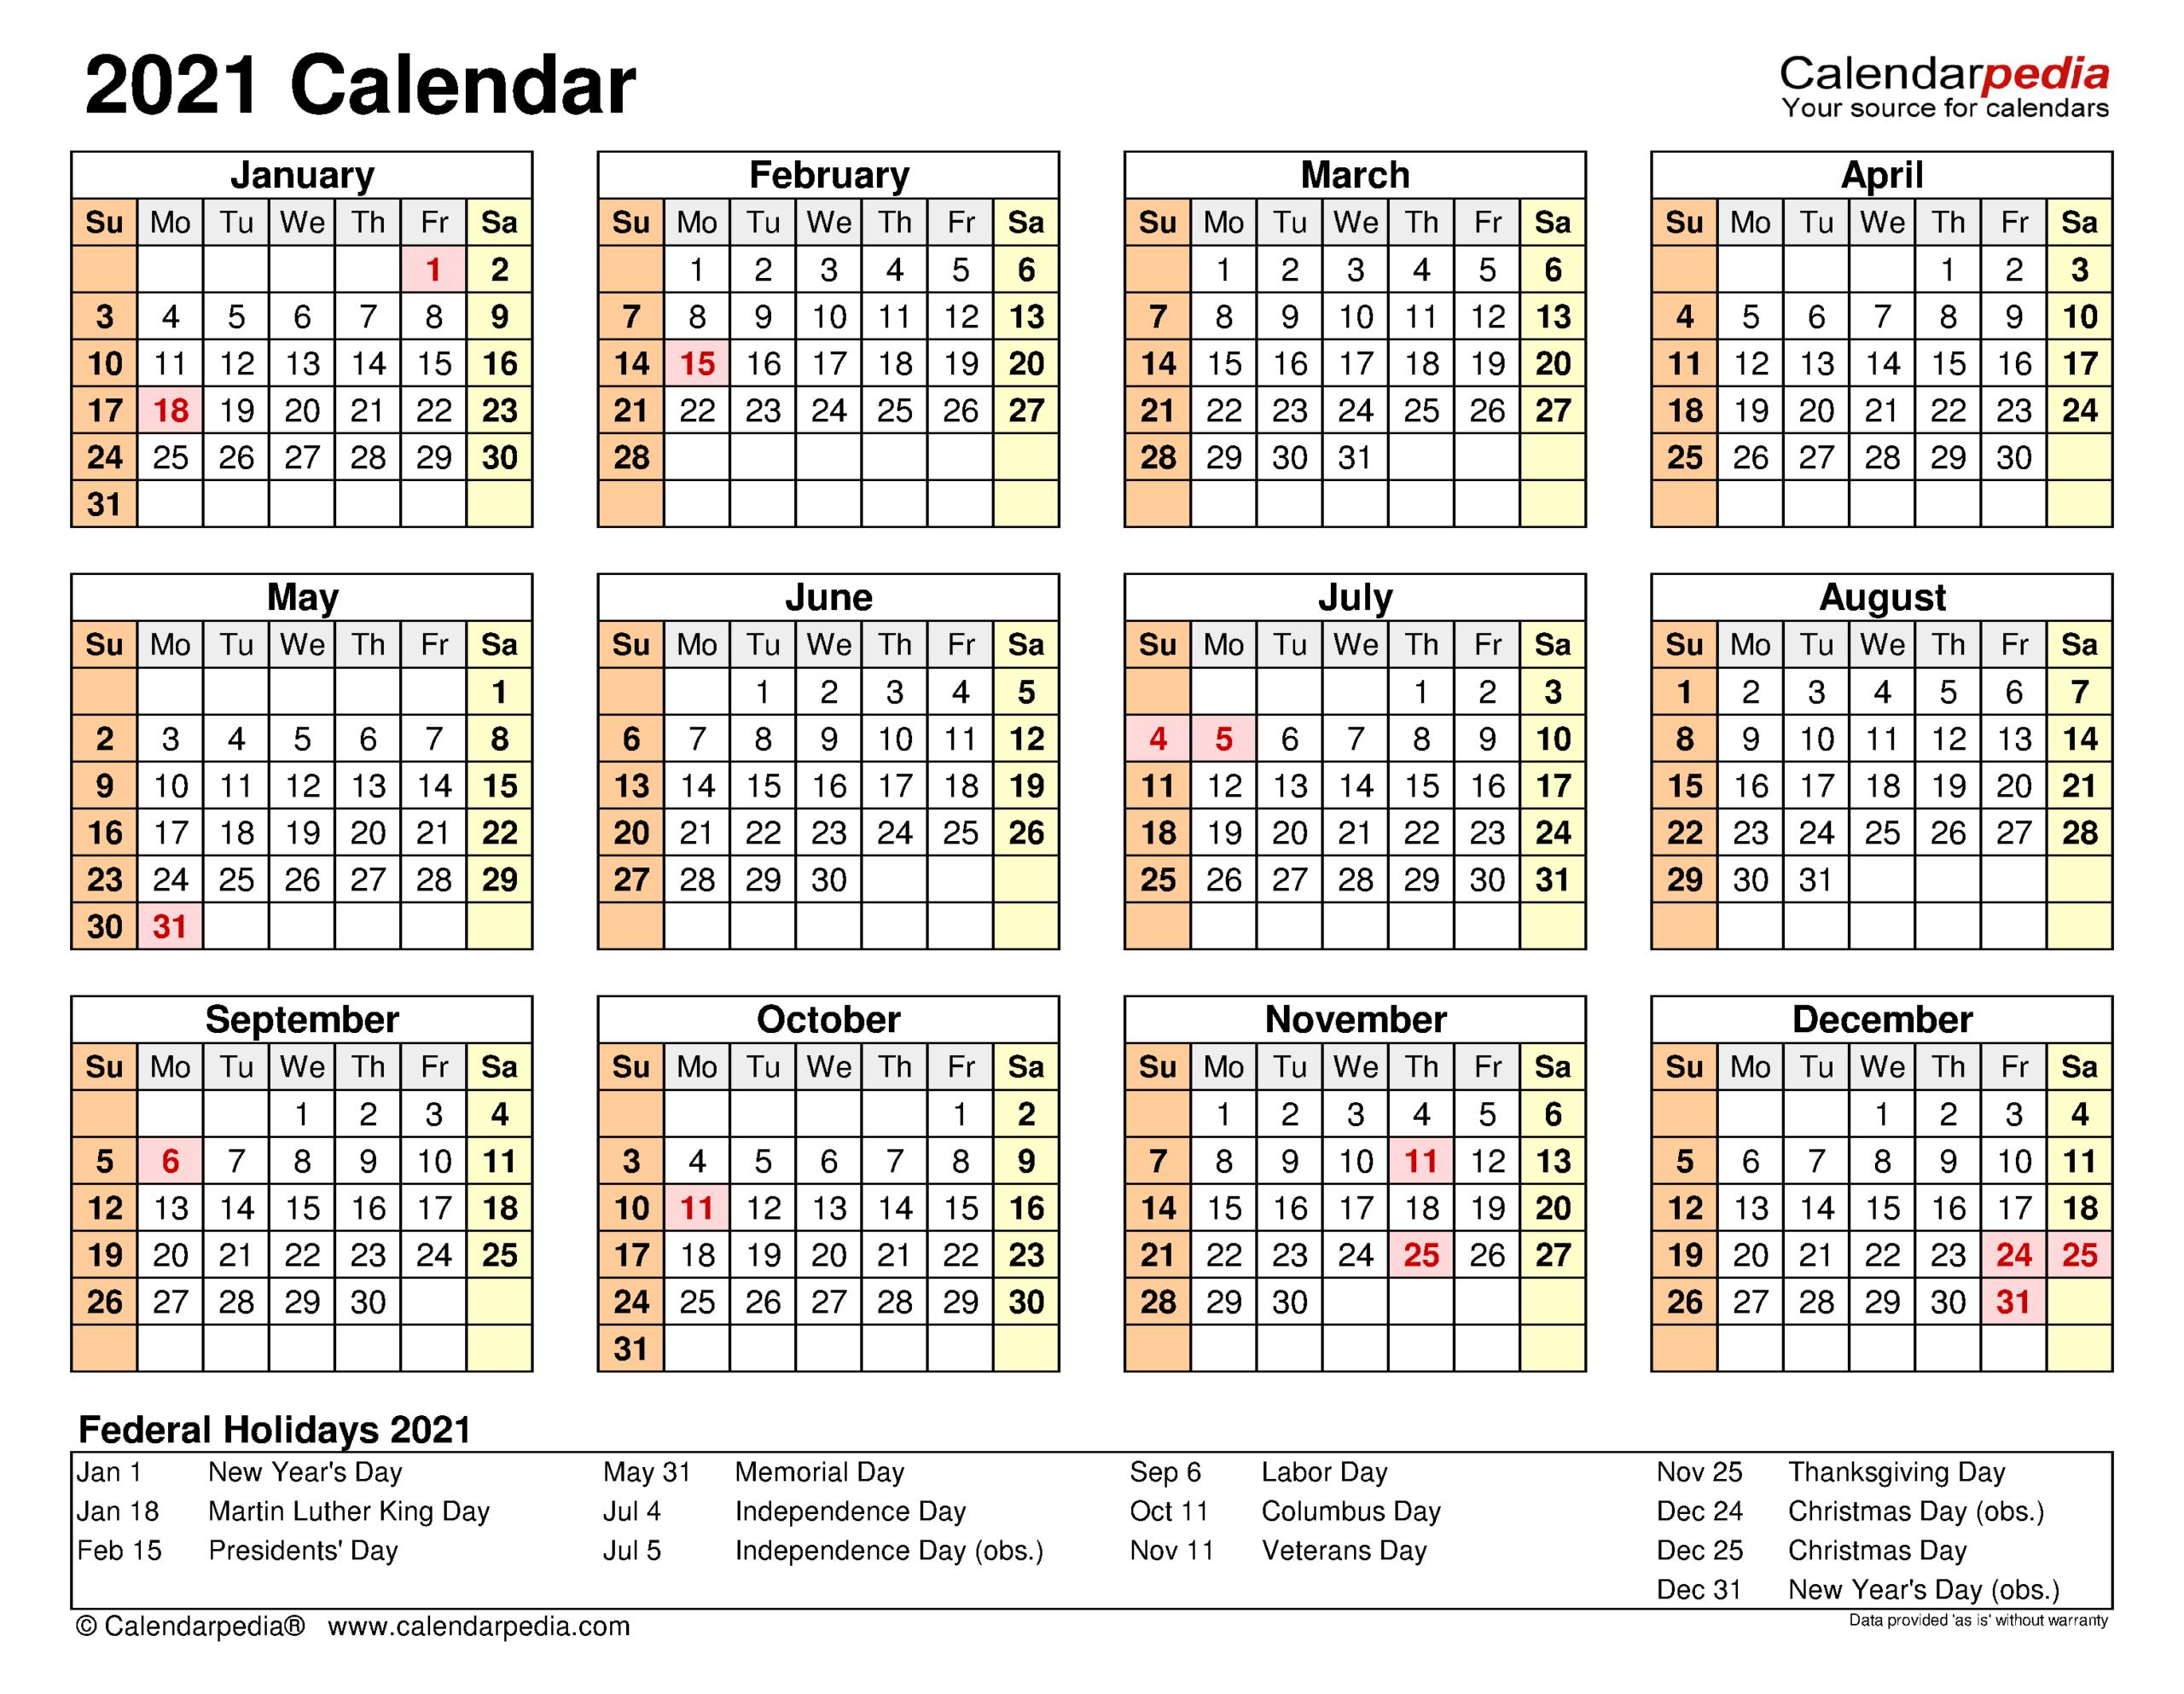 2021 Calendar - Free Printable Excel Templates - Calendarpedia in Shift Calendar 2021